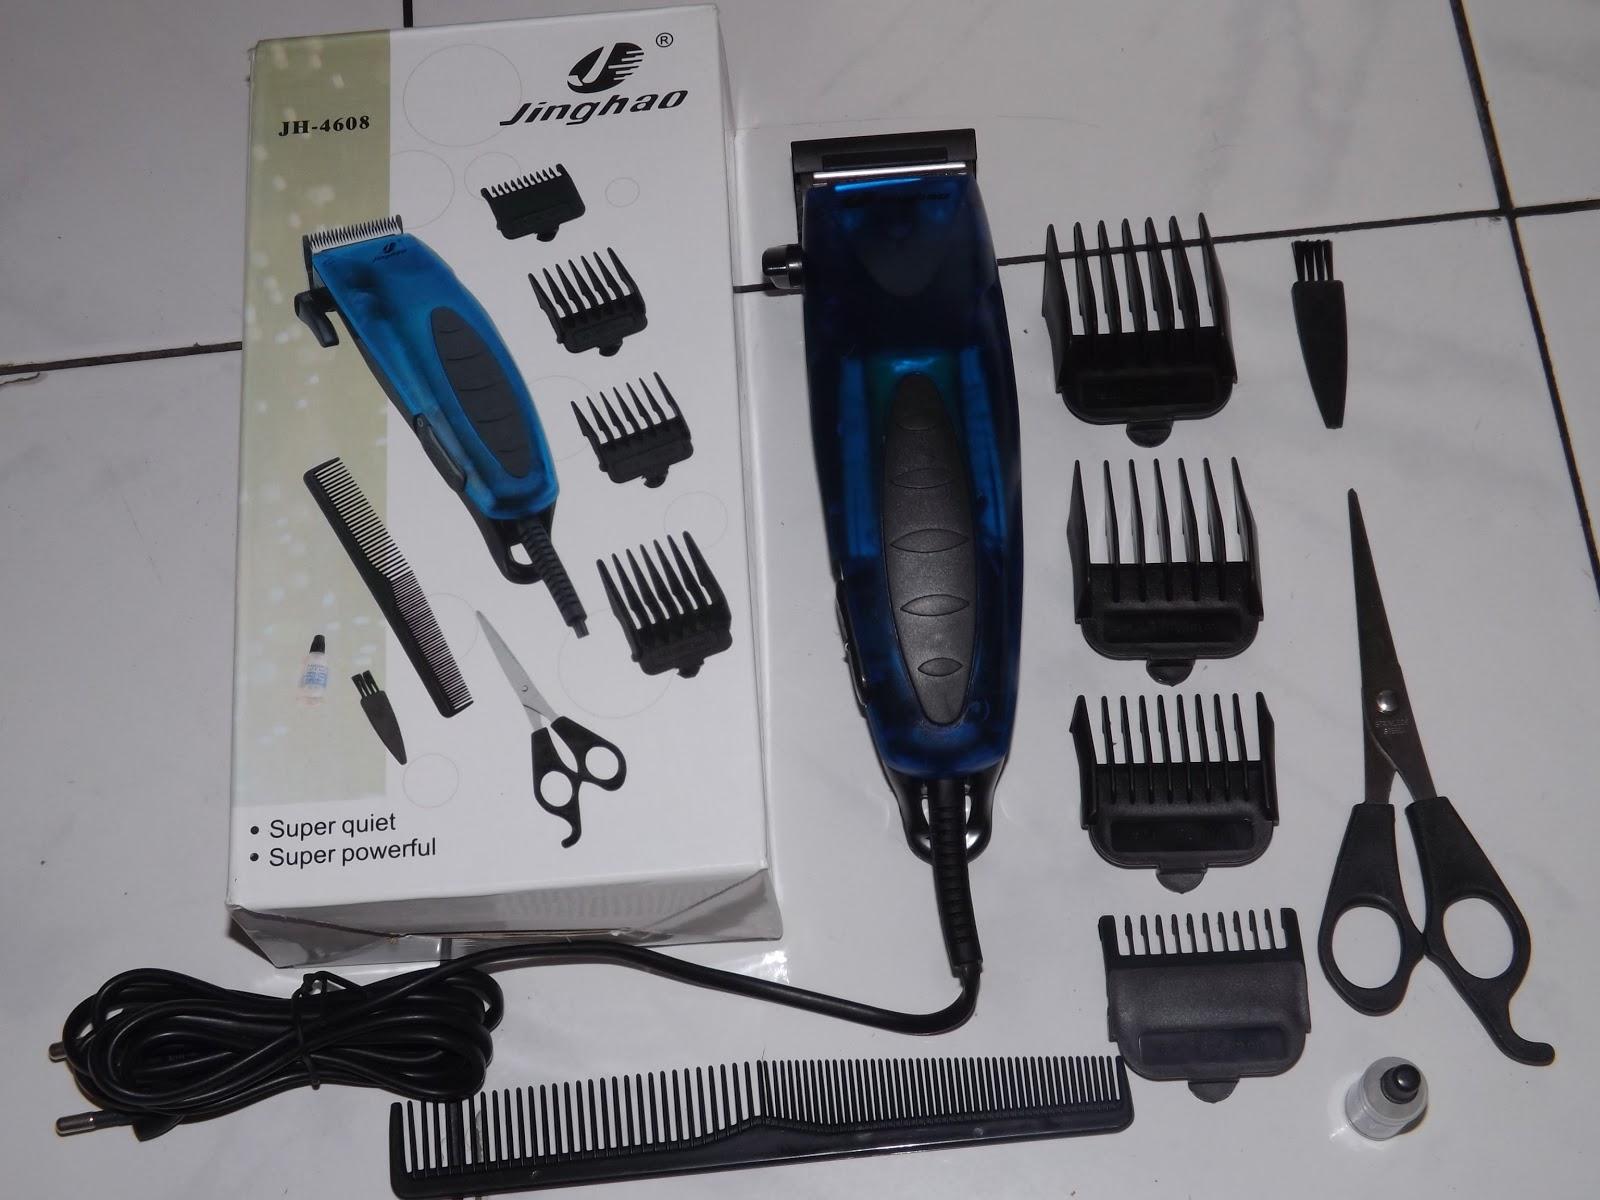 Cara Memotong Rambut Sendiri (Untuk Laki-Laki) | Kaskus - The Largest ...